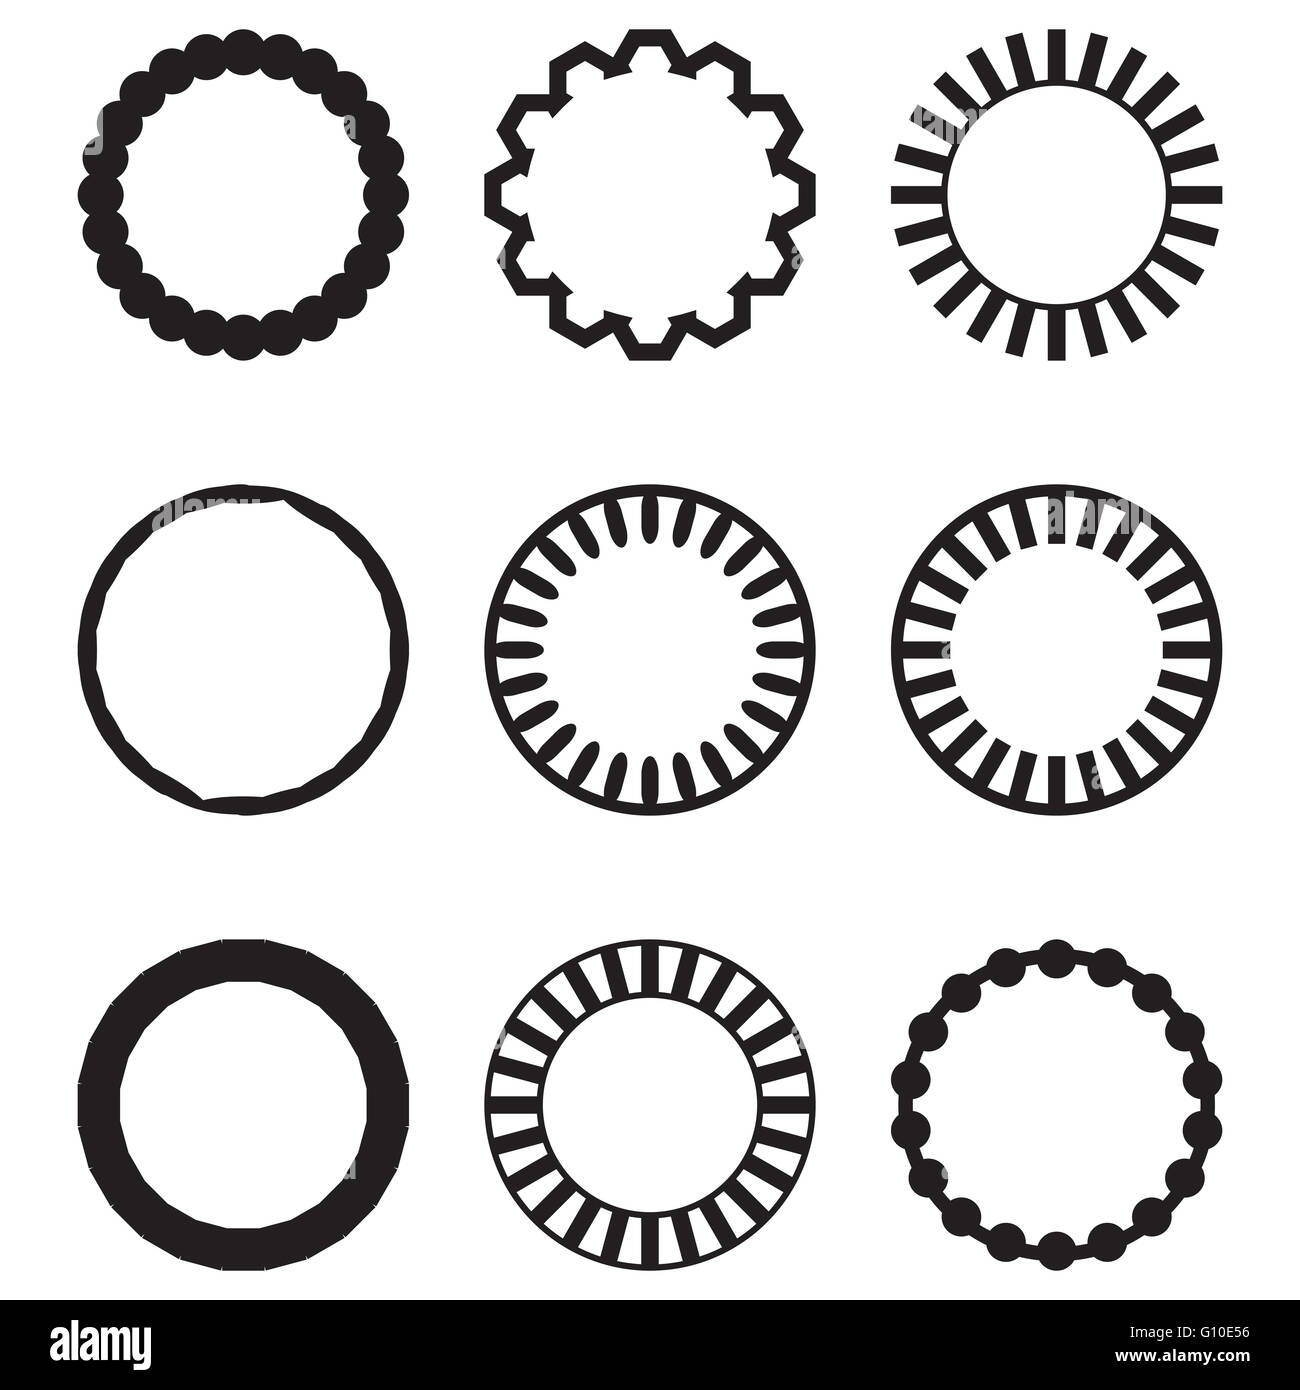 Rahmen runden Kreis geometrische Reihe. Kreis Rahmen und runden ...